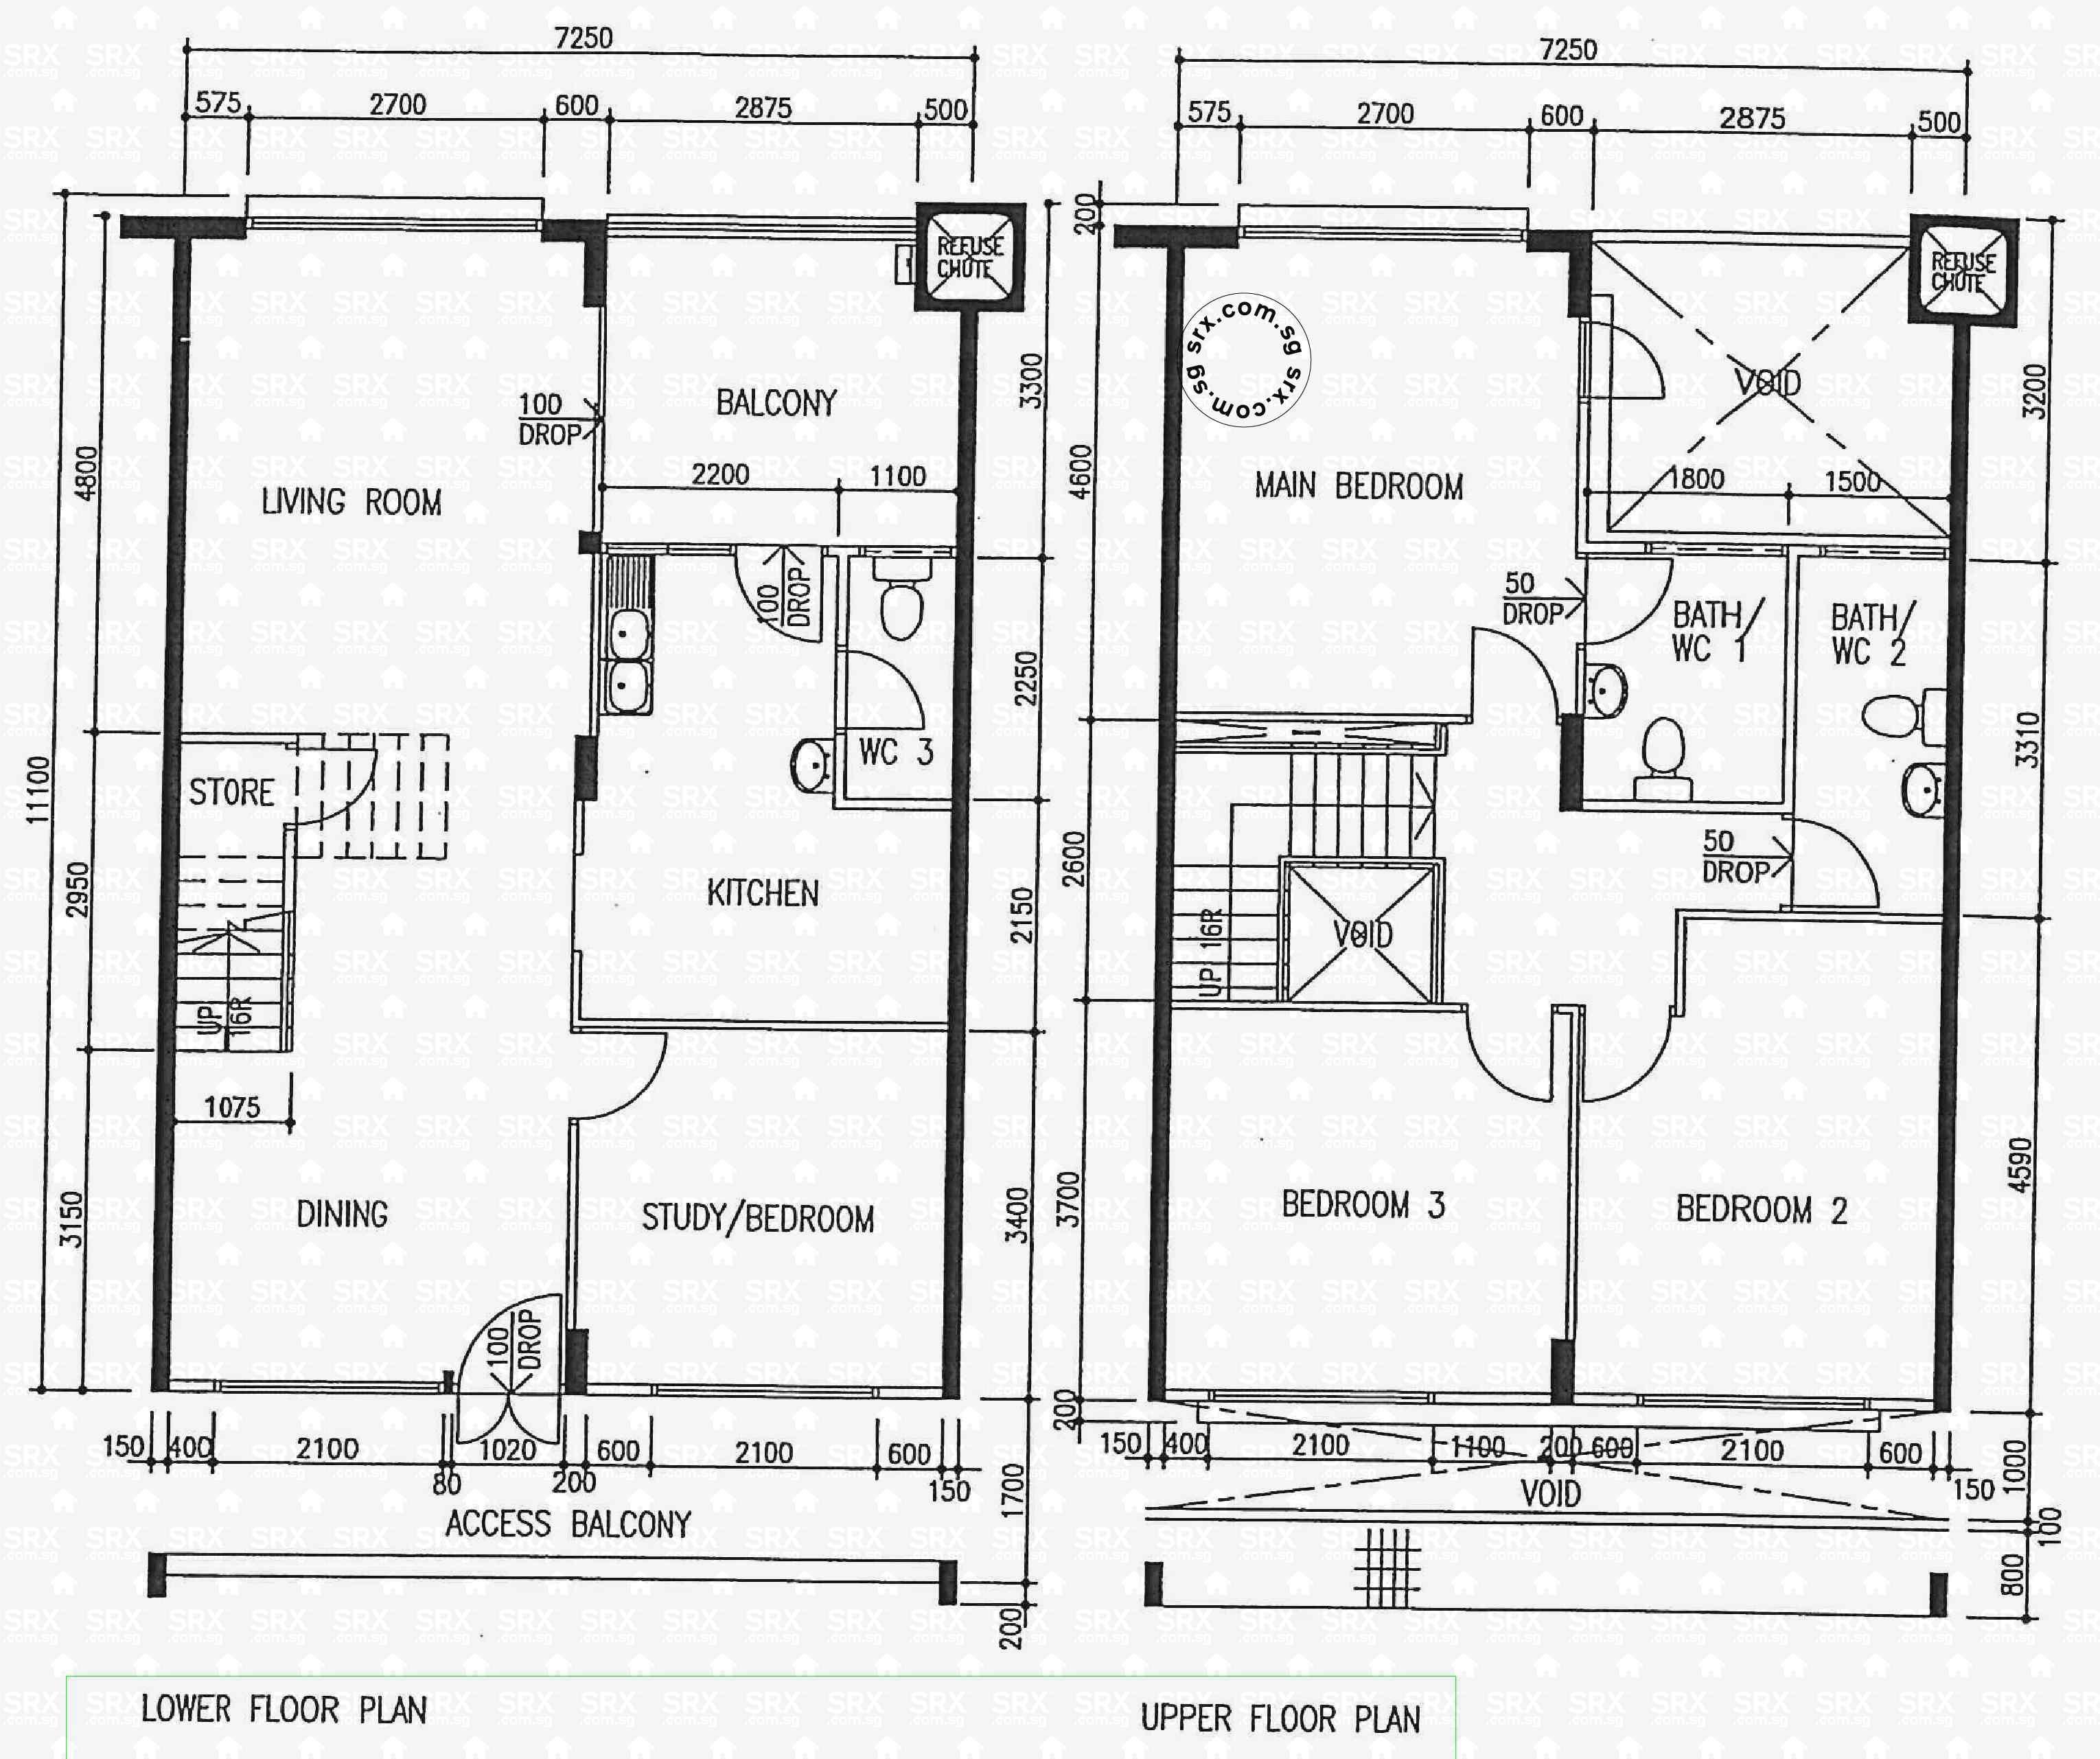 floor plans for bishan street 22 hdb details srx property